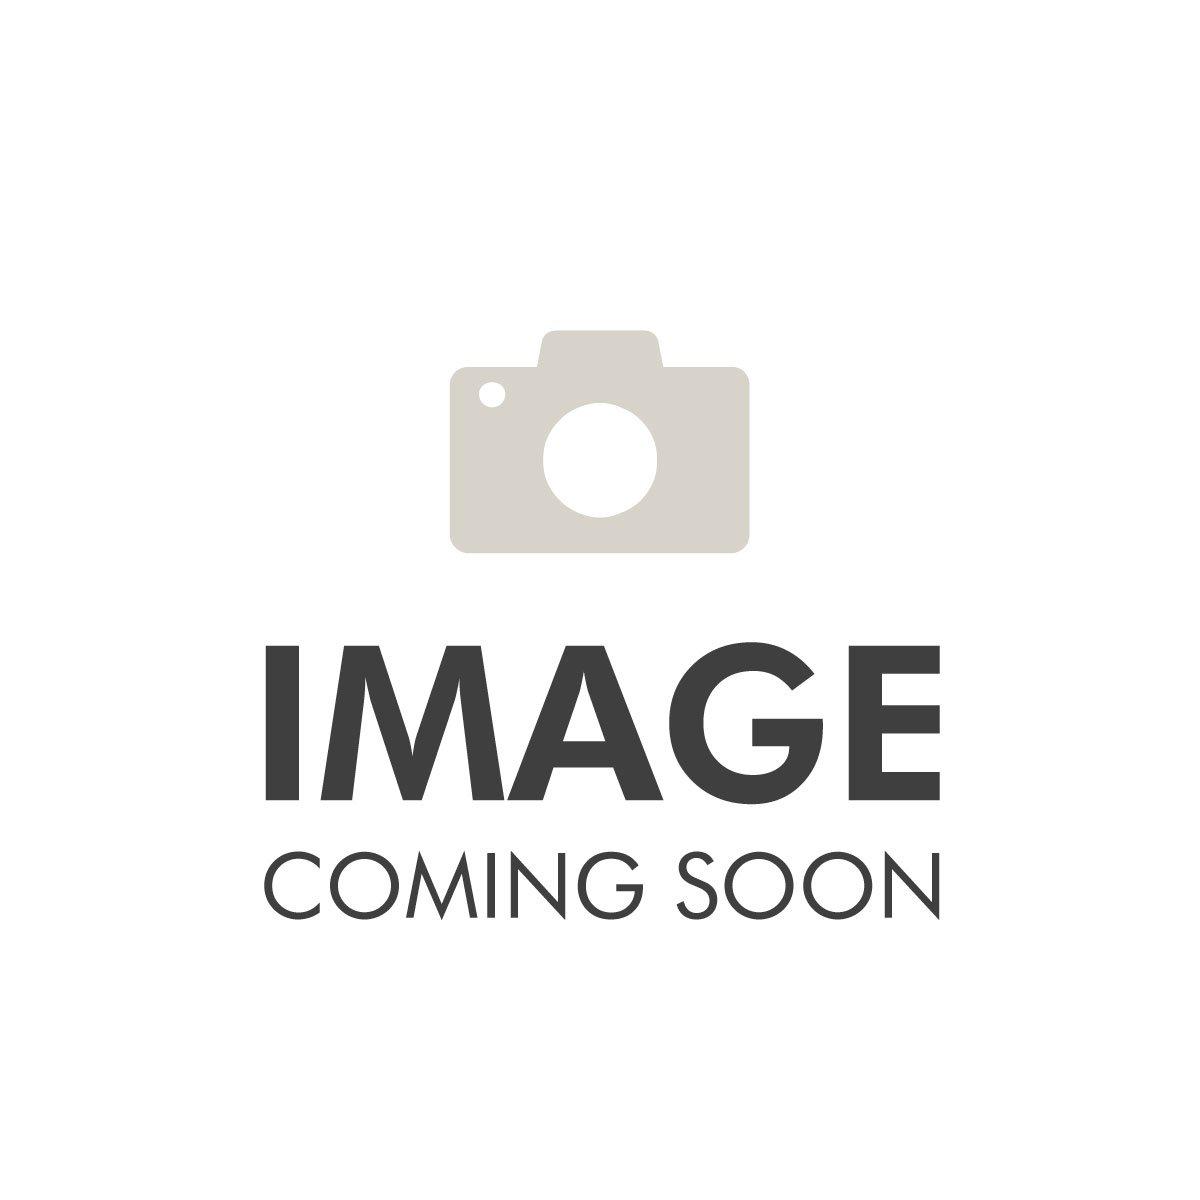 Sport 7 - Vis de pointe de fleuret (10-Pack)